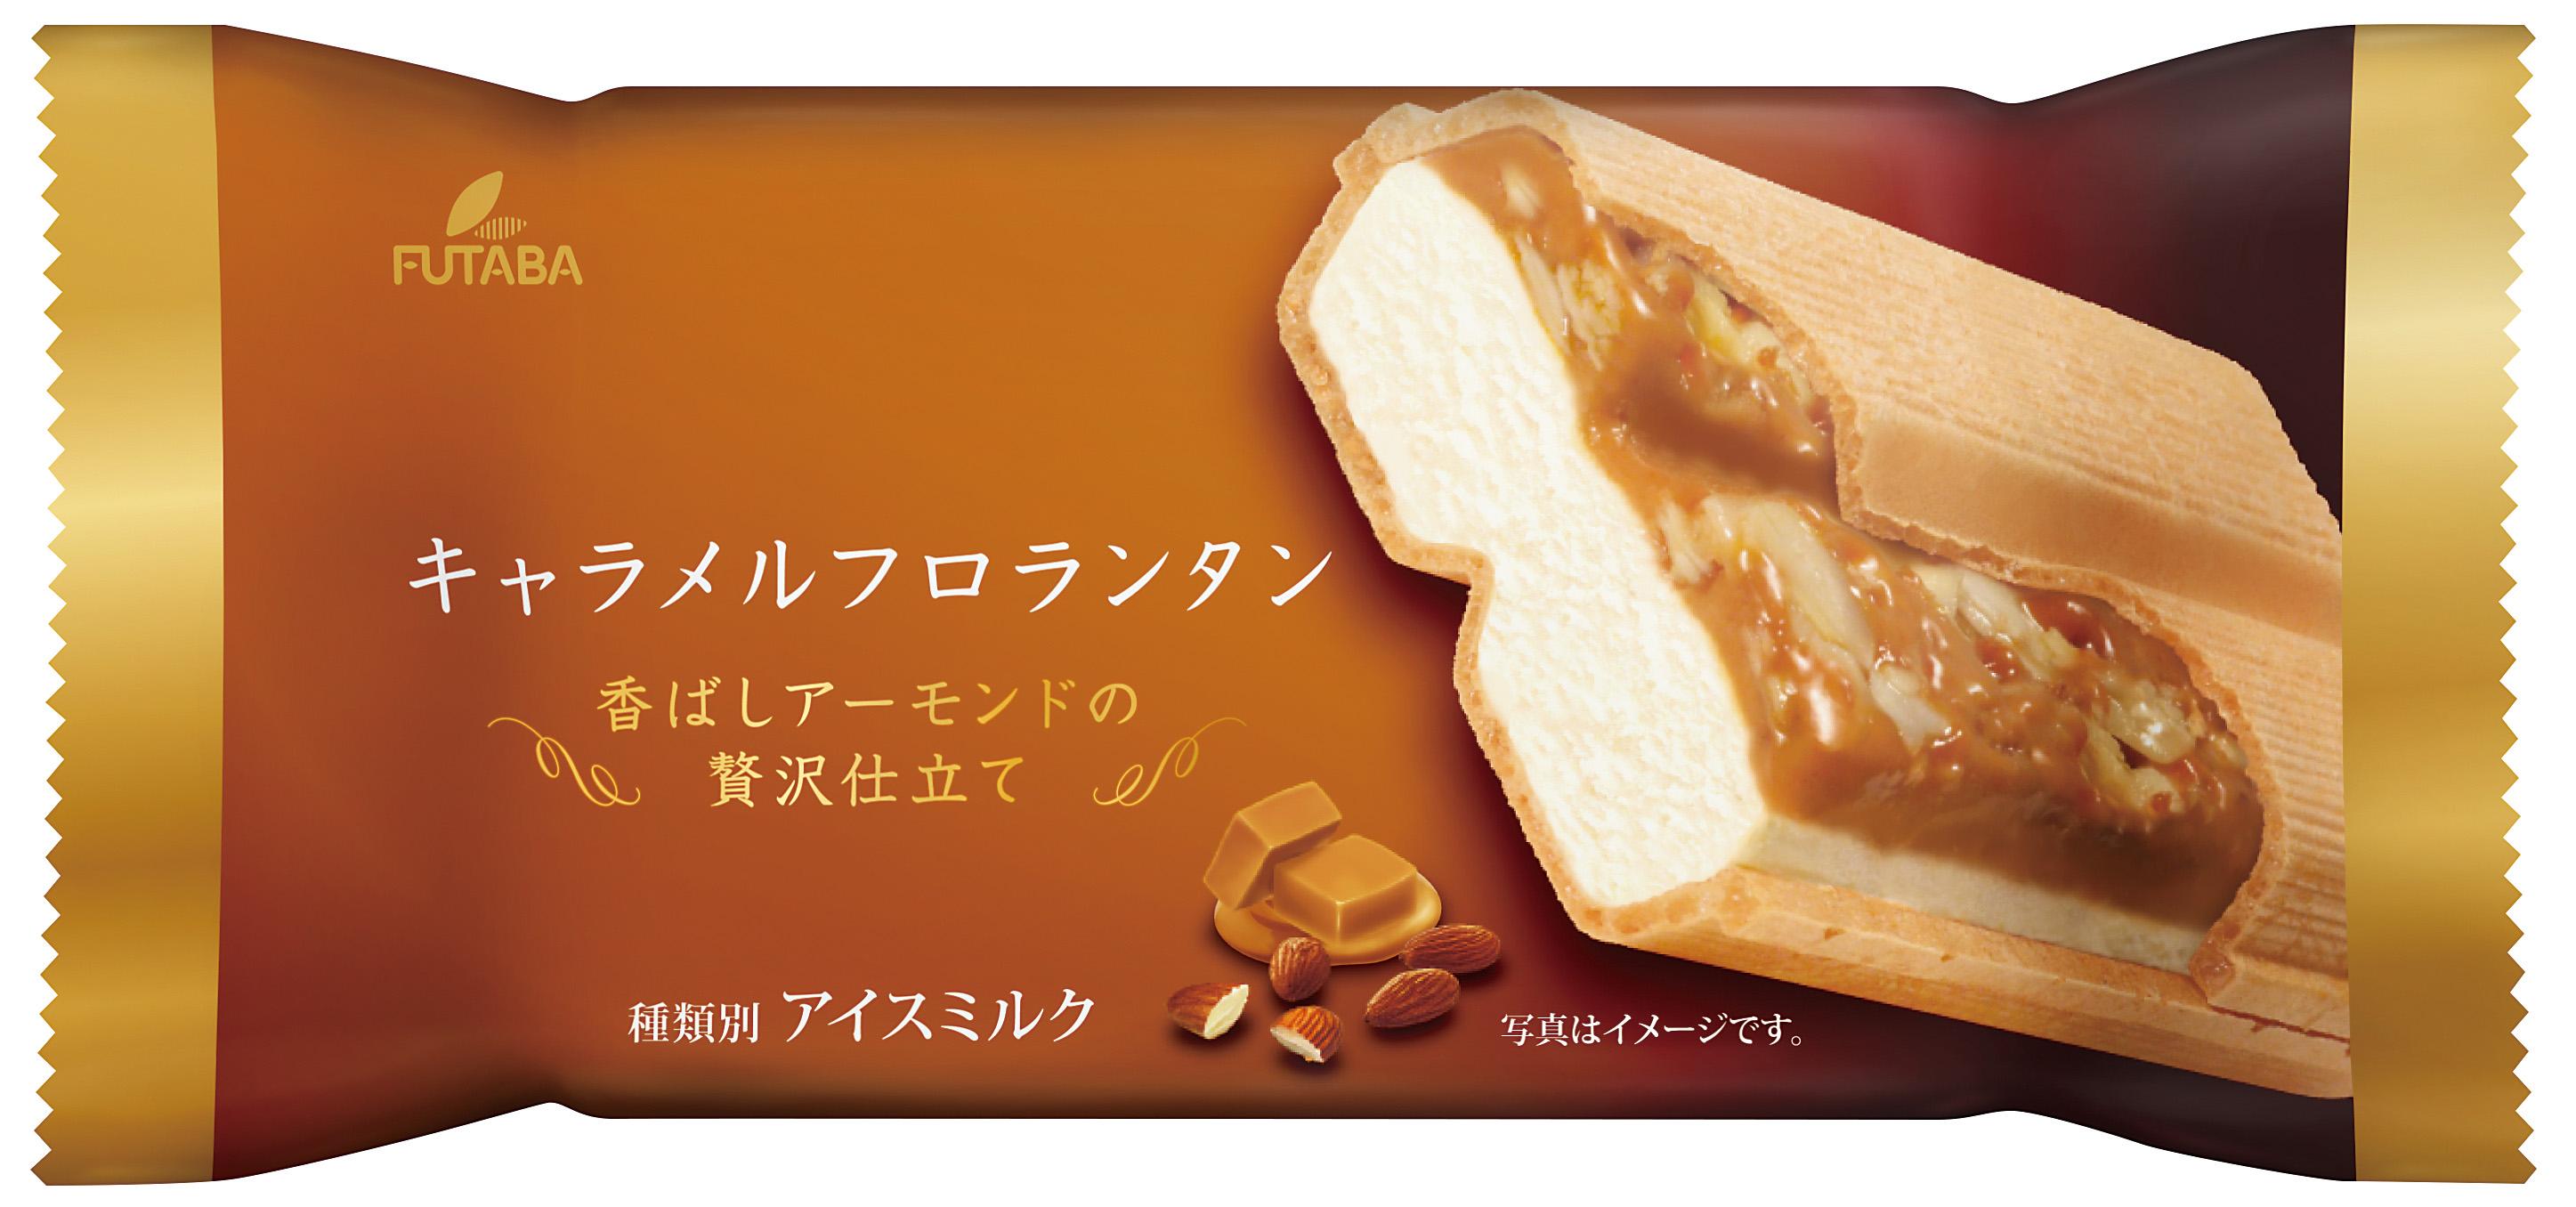 新商品「キャラメルフロランタン」「チョコバナナマルチ」が発売しました!